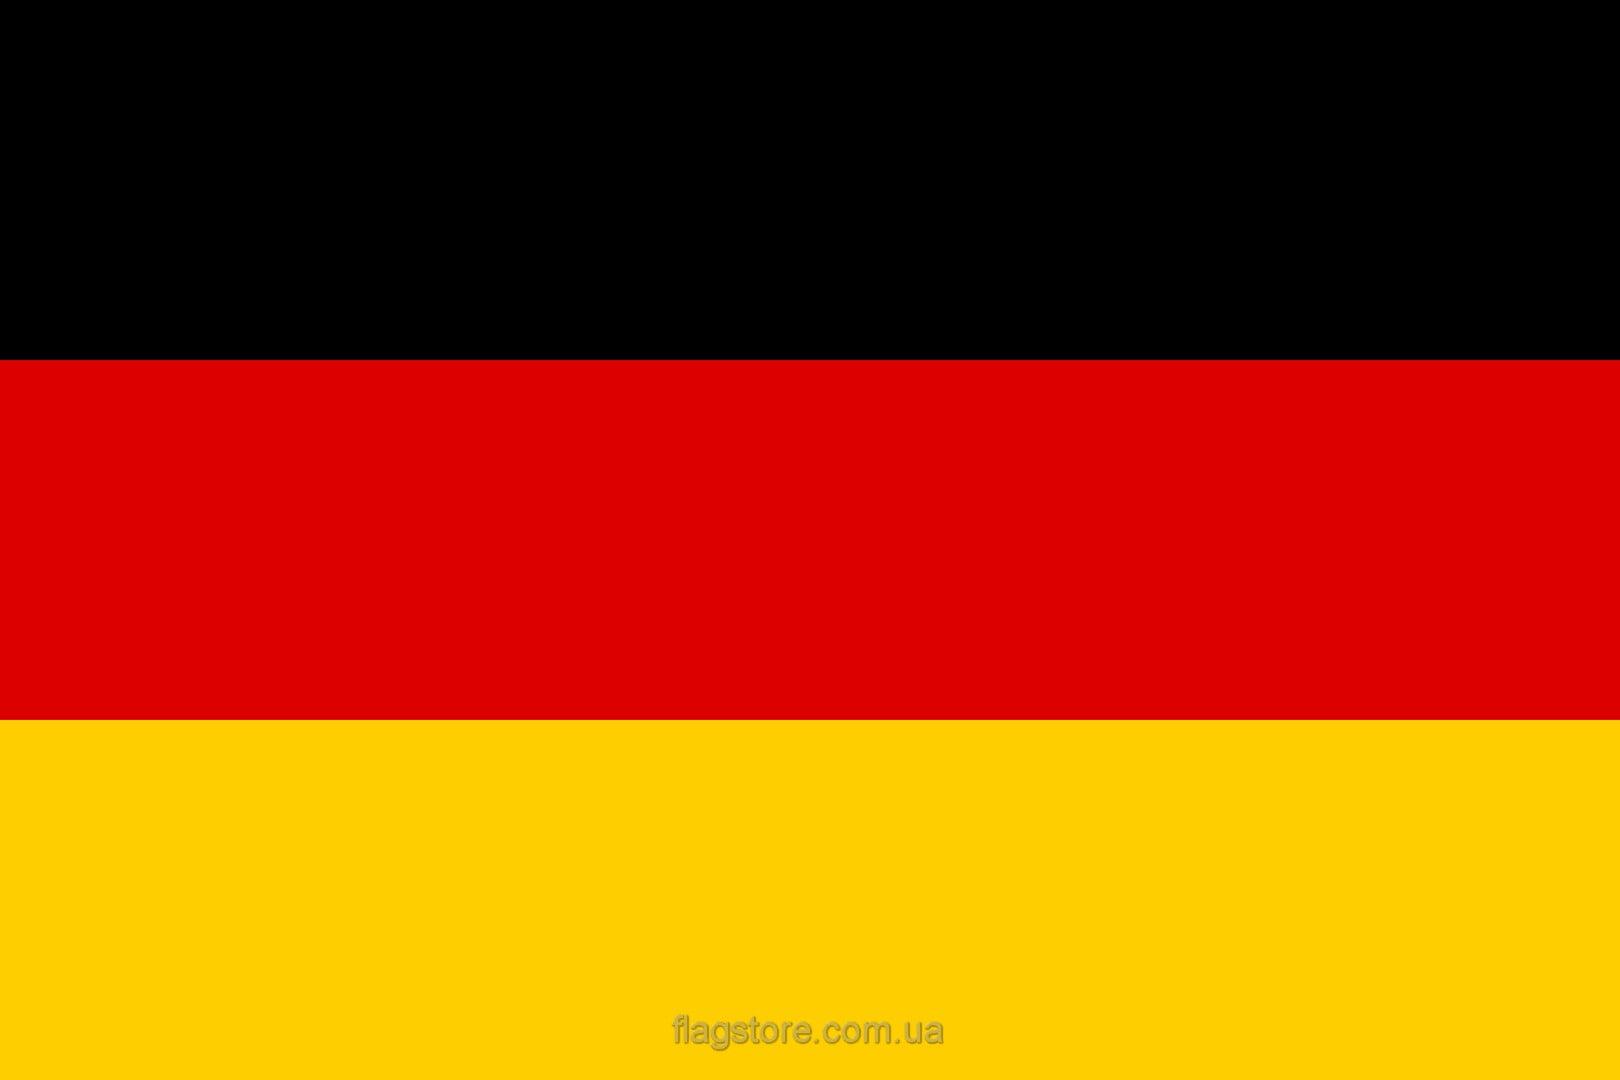 Купить флаг Германии (страны Германия)